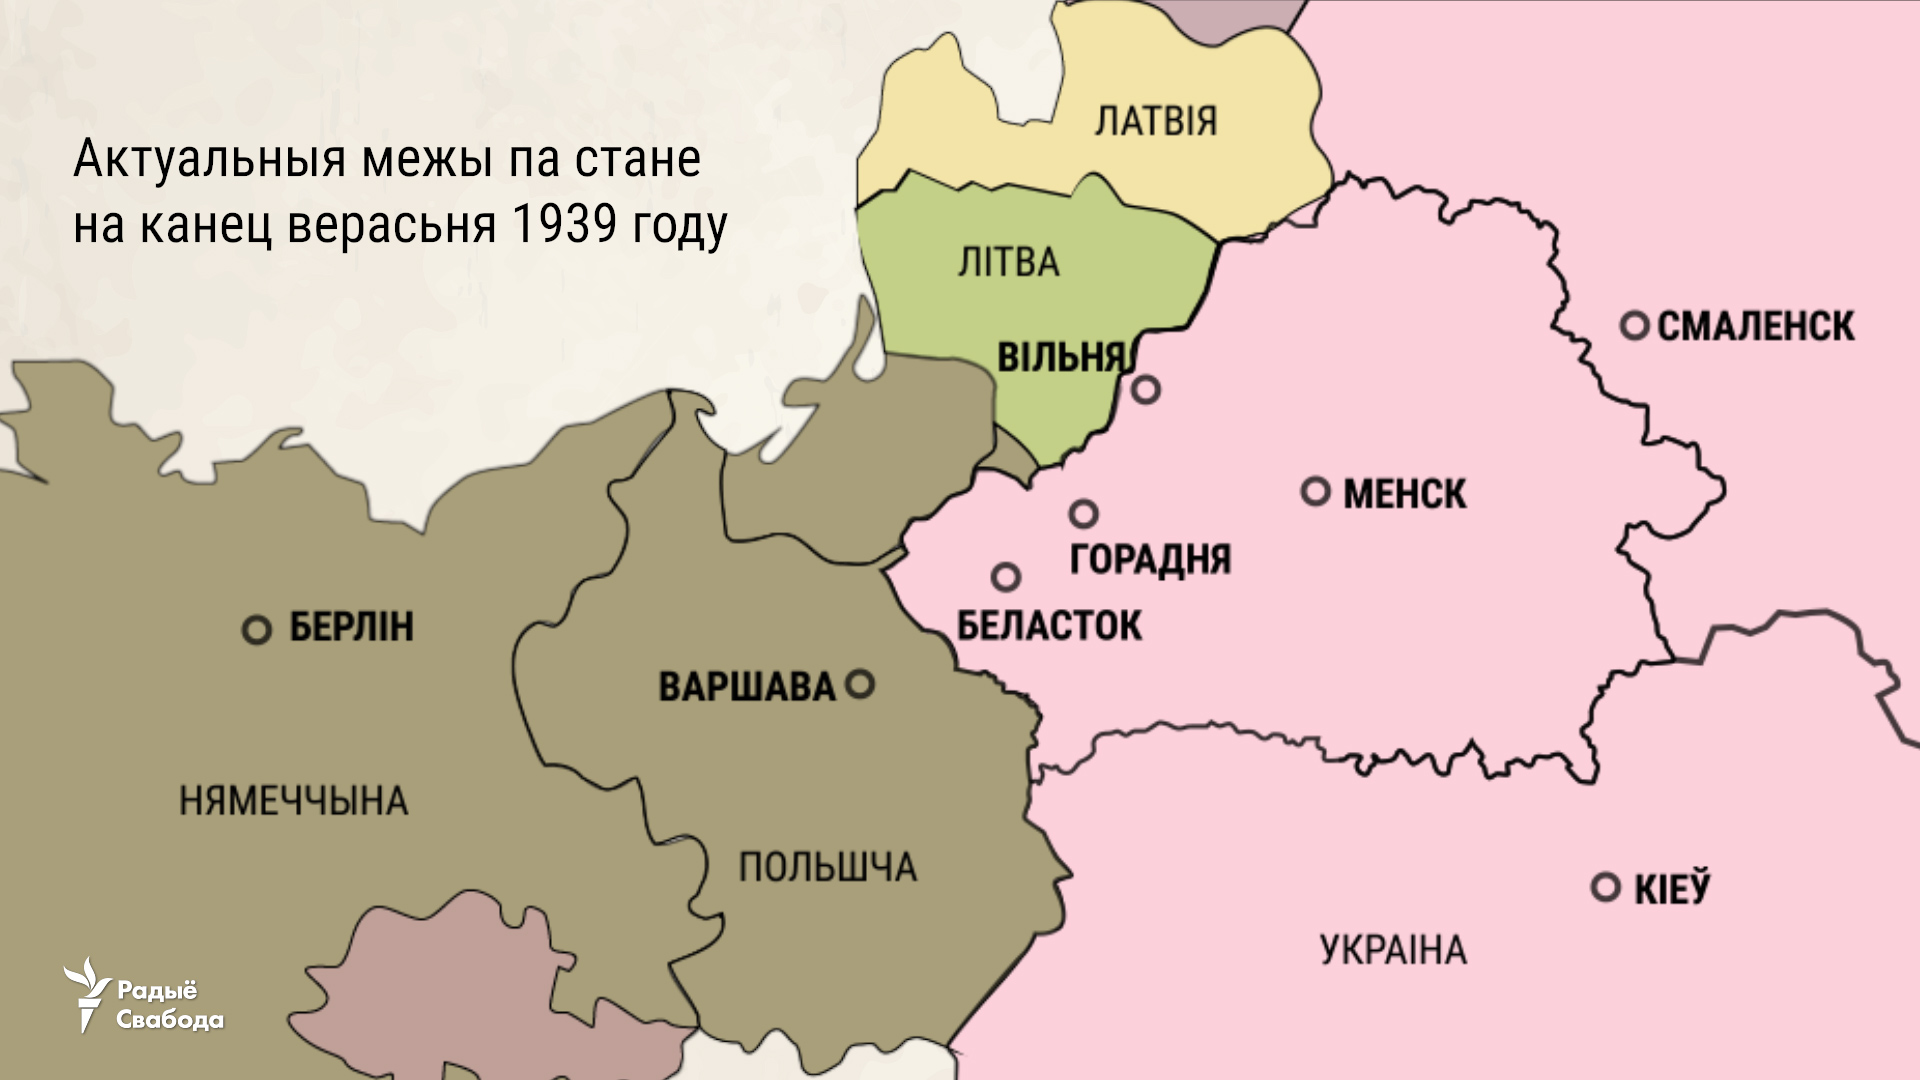 Литва с Вильнюсом - немцам, Польша до Варшавы - белорусам. Как Сталин и Гитлер рисовали белорусские границы в 1939-м